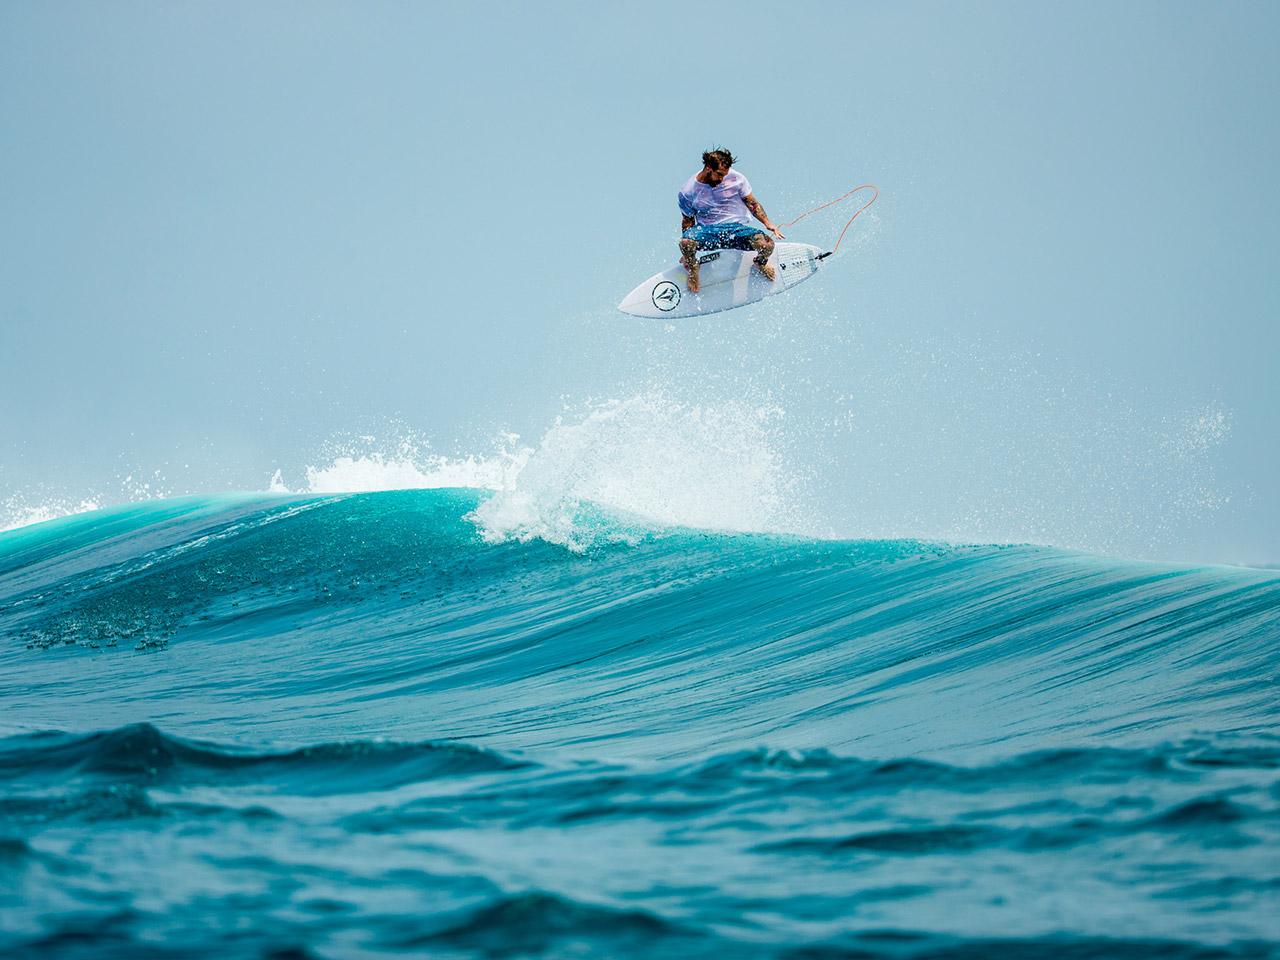 Listopedia: Mitch Coleborn's Surfing Wishlist